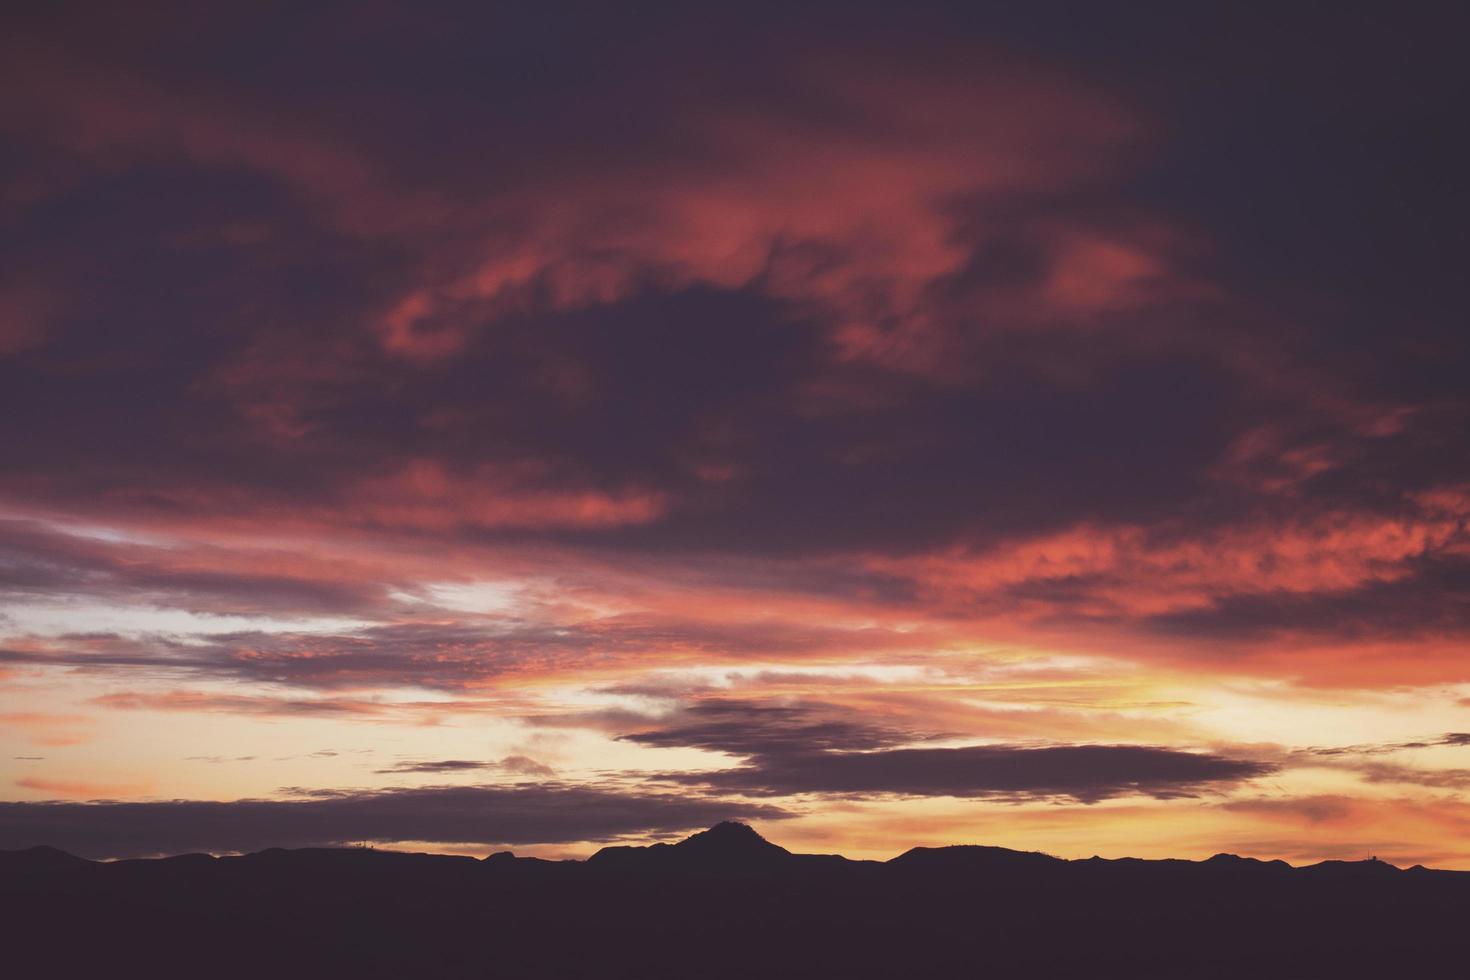 röd och lila solnedgång foto